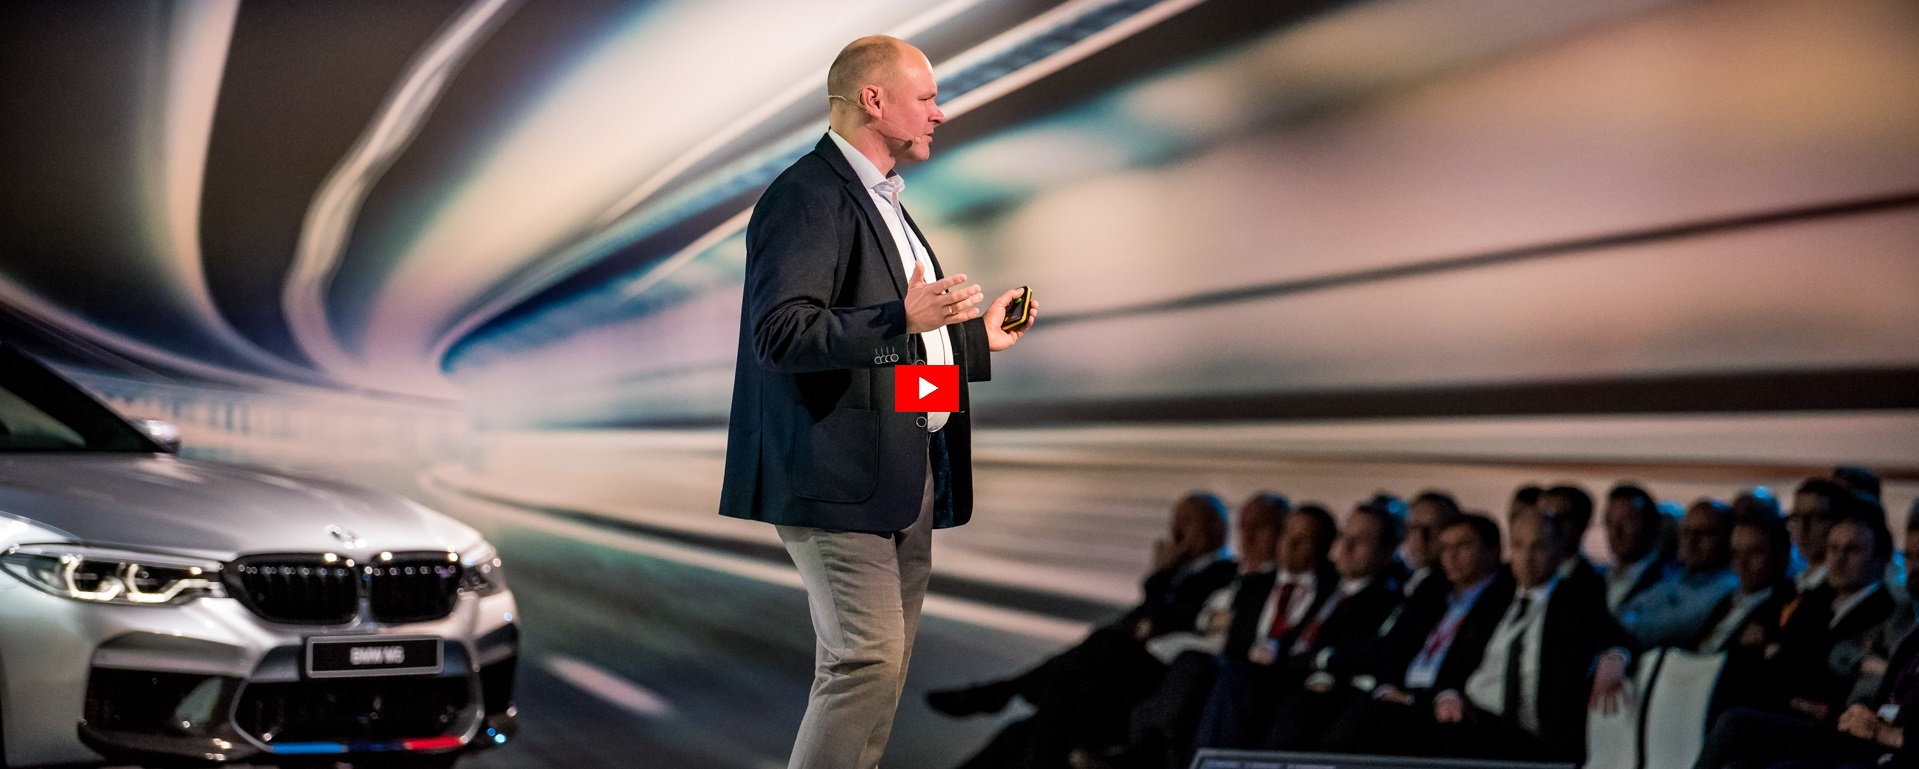 Keynote Führung macht den MEISTER mit Keynote Speaker Dr. Holger Schmitz